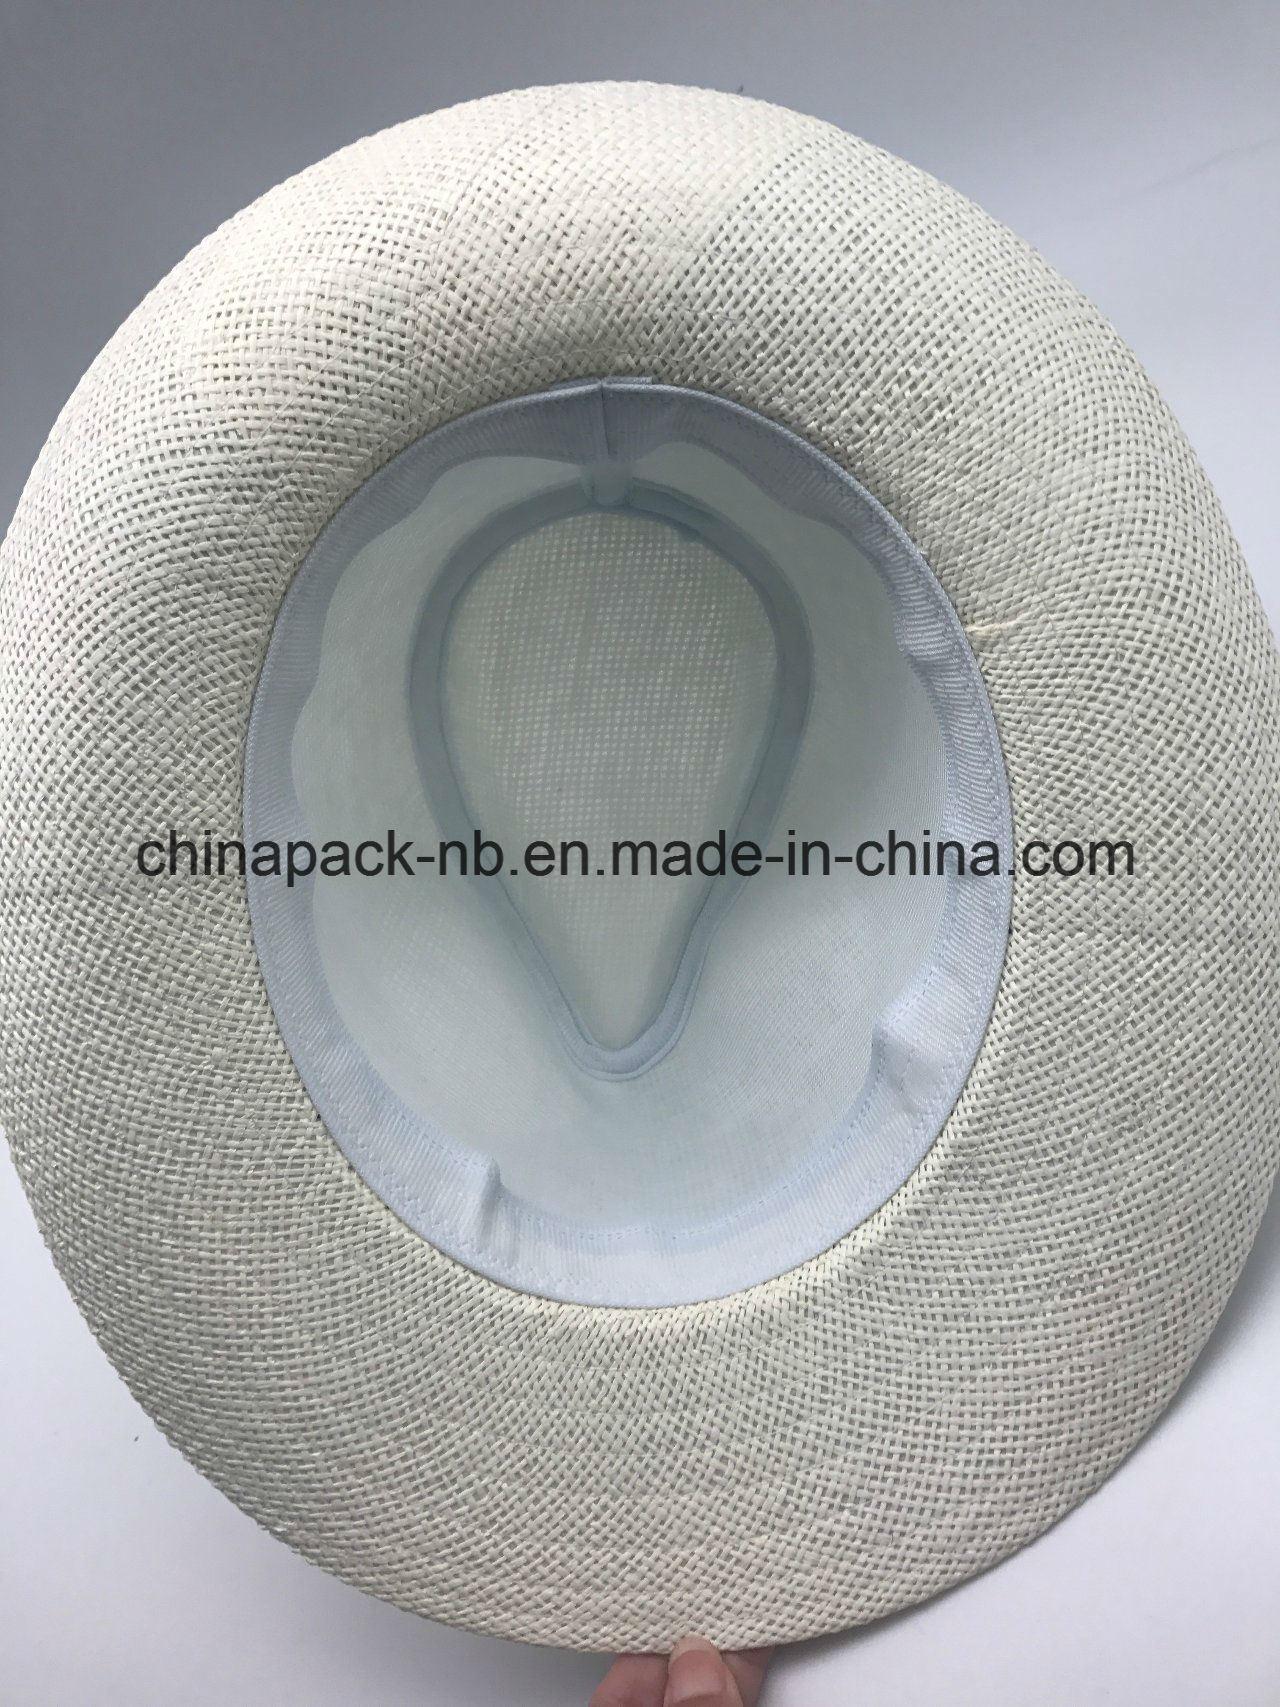 Equateur Hats White Panama Hat Spaper Straw Chapeau (CAP_60021)